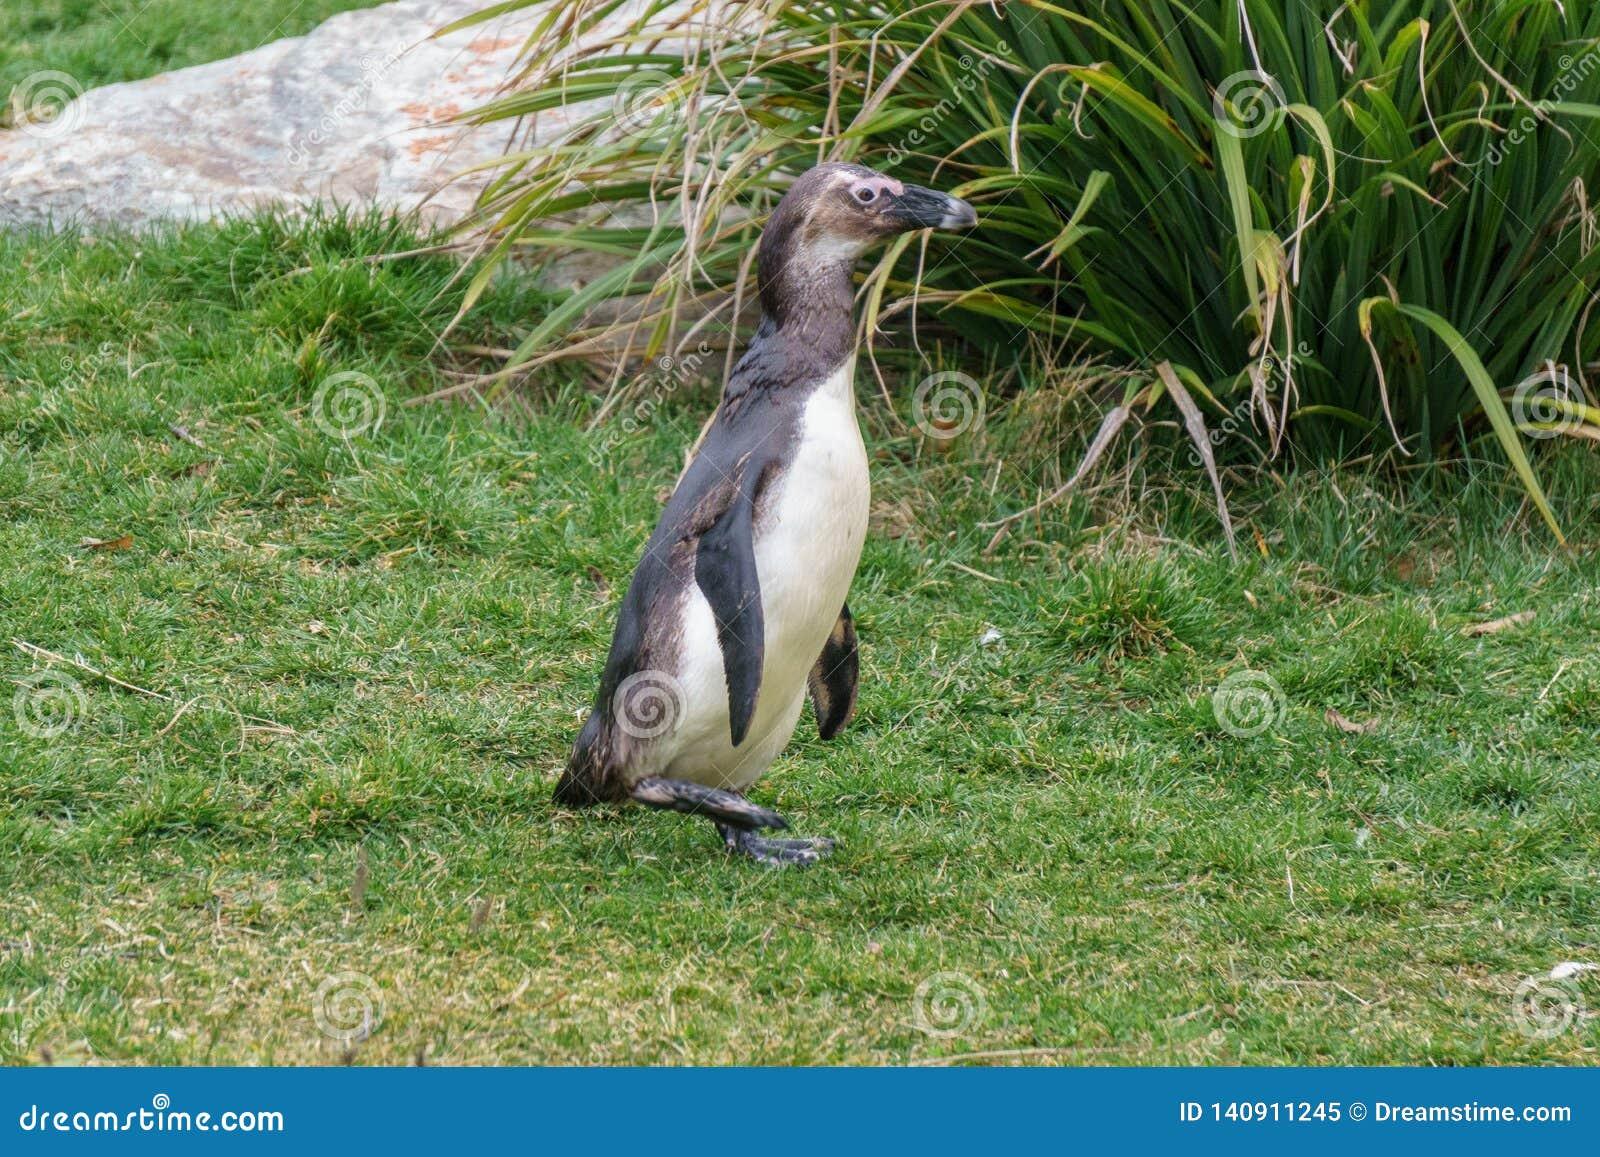 African penguin walking around in grassy zoo habitat